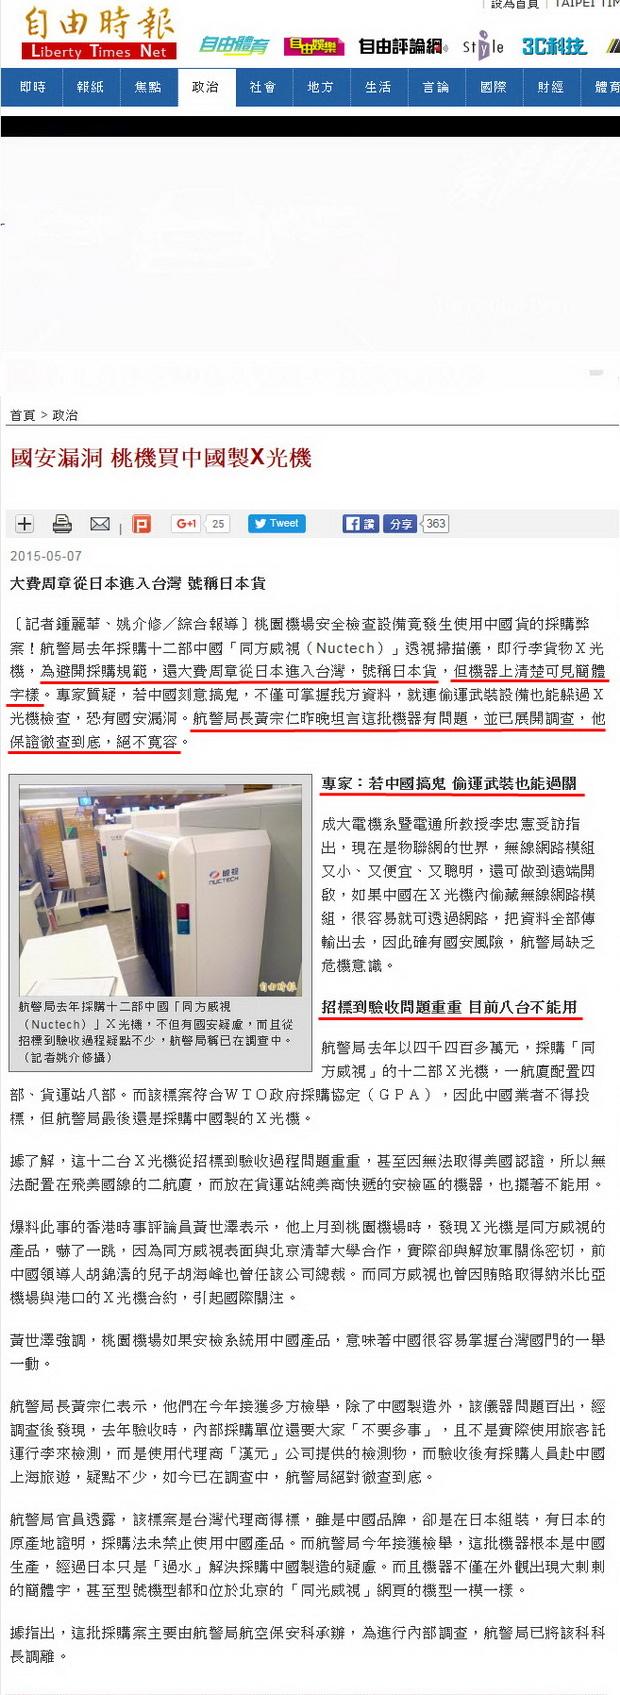 國安漏洞 桃機買中國製X光機 -2015.05.07.jpg